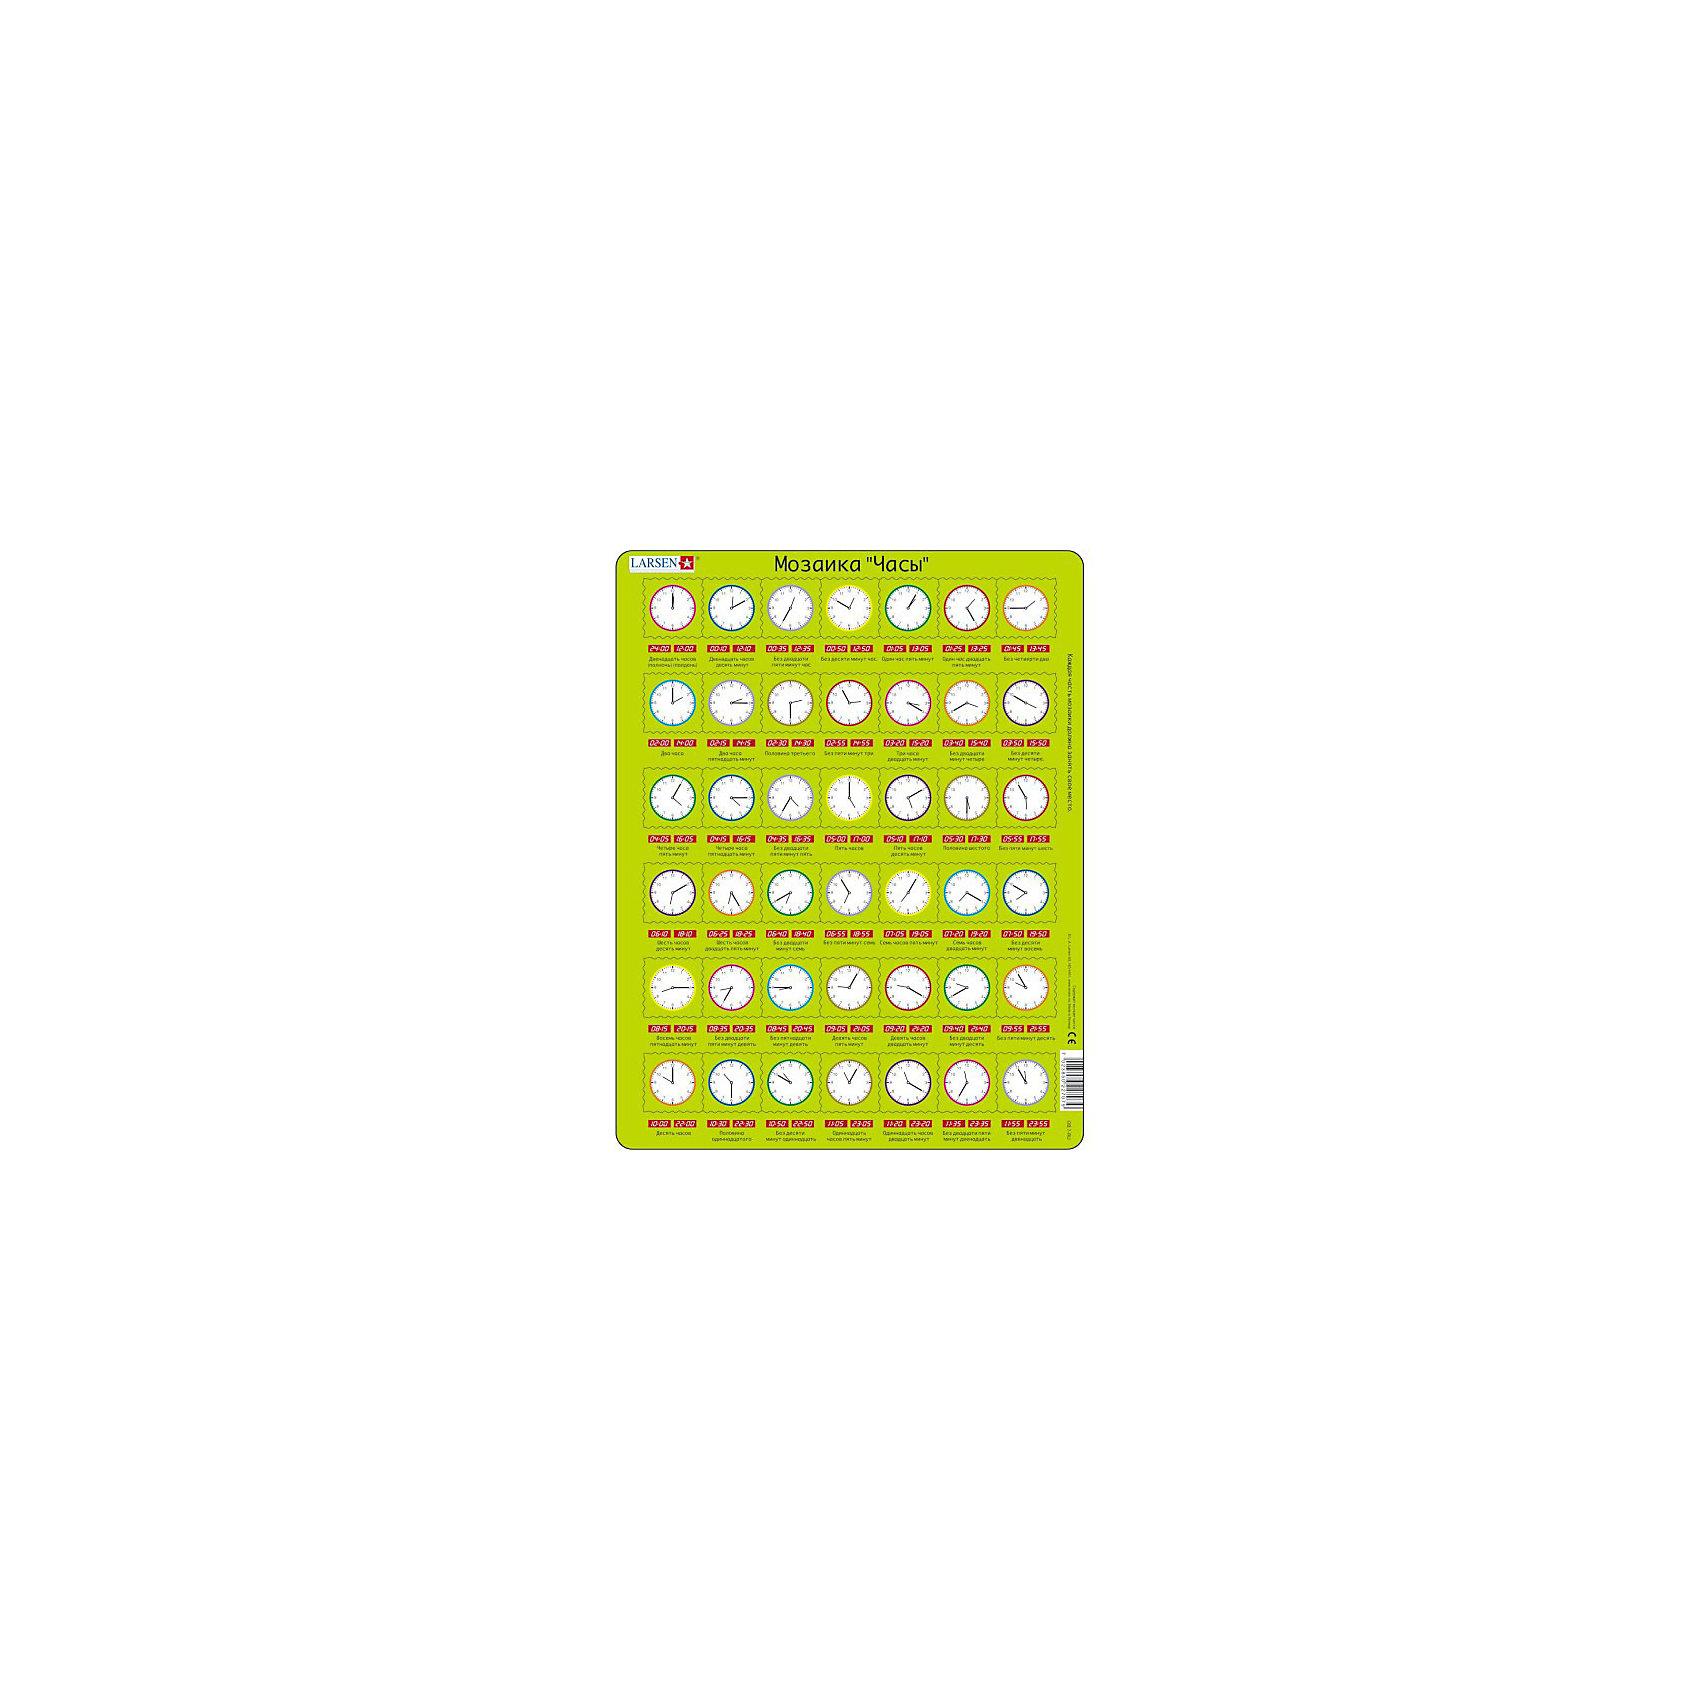 Пазл Часы,  Larsen, 42 деталиПазлы для малышей<br>Пазл «Часы», Larsen (Ларсен), 42 детали – развивающий пазл, который в игровой форме научит ребенка ориентироваться в часах.<br><br>На самом картоне изображено время цифрами как на электронных часах и написано произношение на русском языке. Ребенку необходимо подобрать соответствующее изображение циферблата часов со стрелками. Пазл выполнен из высококачественного трехслойного картона, снабжен специальной подложкой, благодаря которой пазл легко собирать. Различные размеры и формы элементов способствуют развитию мелкой моторики ребенка.<br><br>Дополнительная информация:<br><br>- количество деталей: 42 шт.<br>- размер: 36,5х28,5 см<br>- вес: 300 г<br>- материал: плотный картон<br><br>Пазл «Часы», Larsen (Ларсен), 42 детали – познавательная игра, с которой ребенок научится определять точное время.<br><br>Пазл «Часы», Larsen (Ларсен), 42 детали можно купить в нашем магазине.<br><br>Ширина мм: 360<br>Глубина мм: 360<br>Высота мм: 280<br>Вес г: 100<br>Возраст от месяцев: 48<br>Возраст до месяцев: 84<br>Пол: Унисекс<br>Возраст: Детский<br>Количество деталей: 42<br>SKU: 3610577